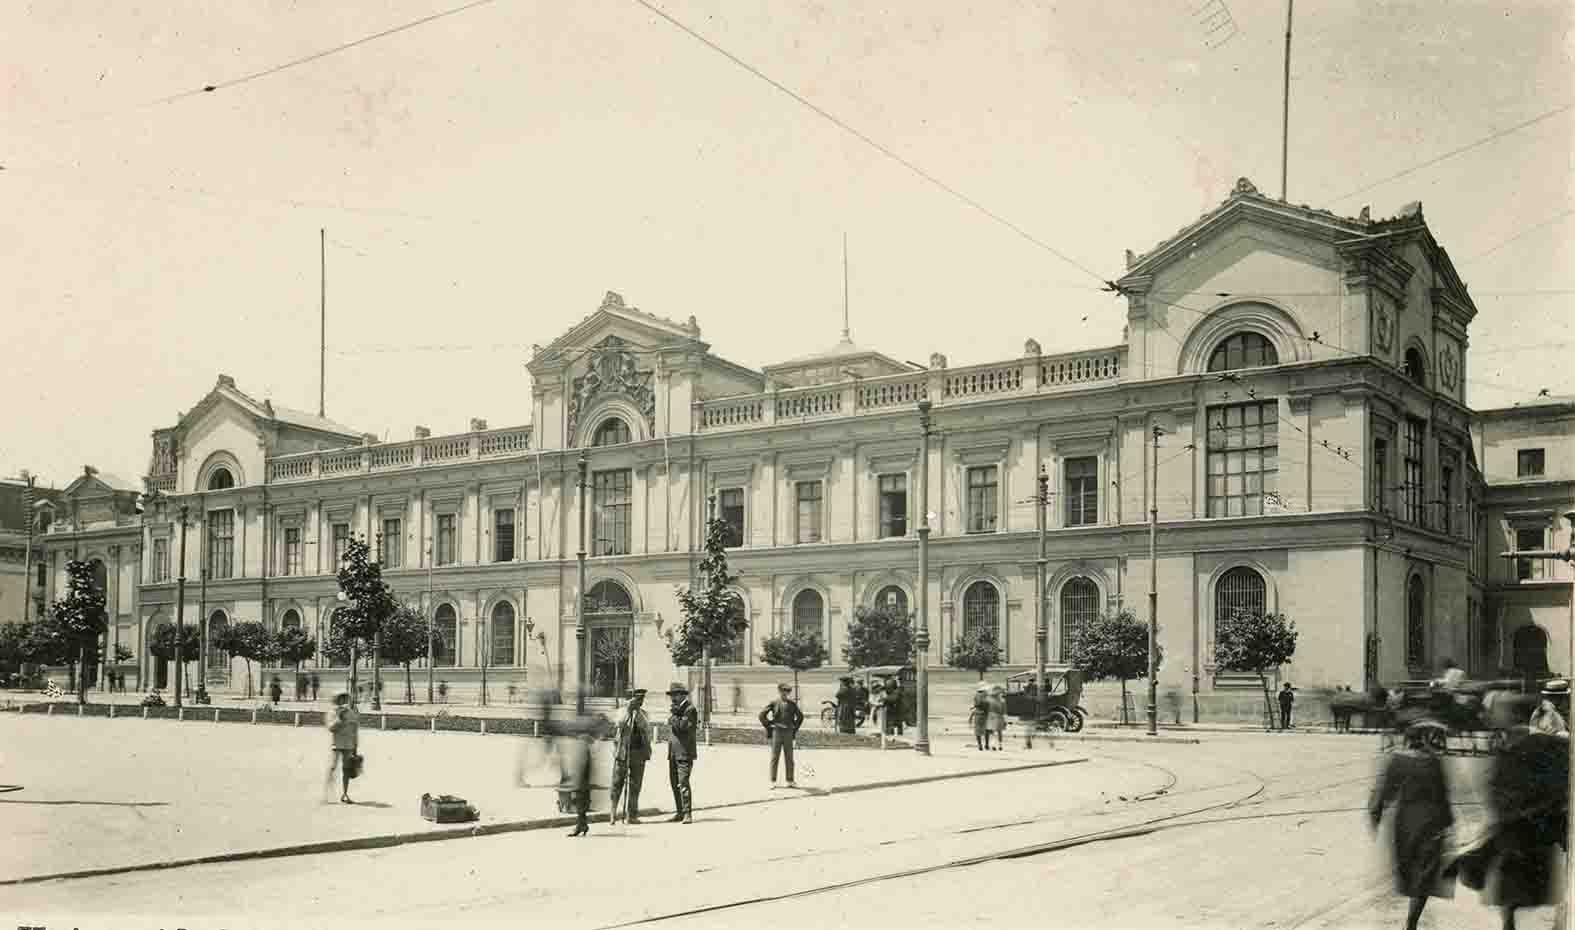 Enterreno - Fotos históricas de chile - fotos antiguas de Chile - Universidad de Chile ca. 1920